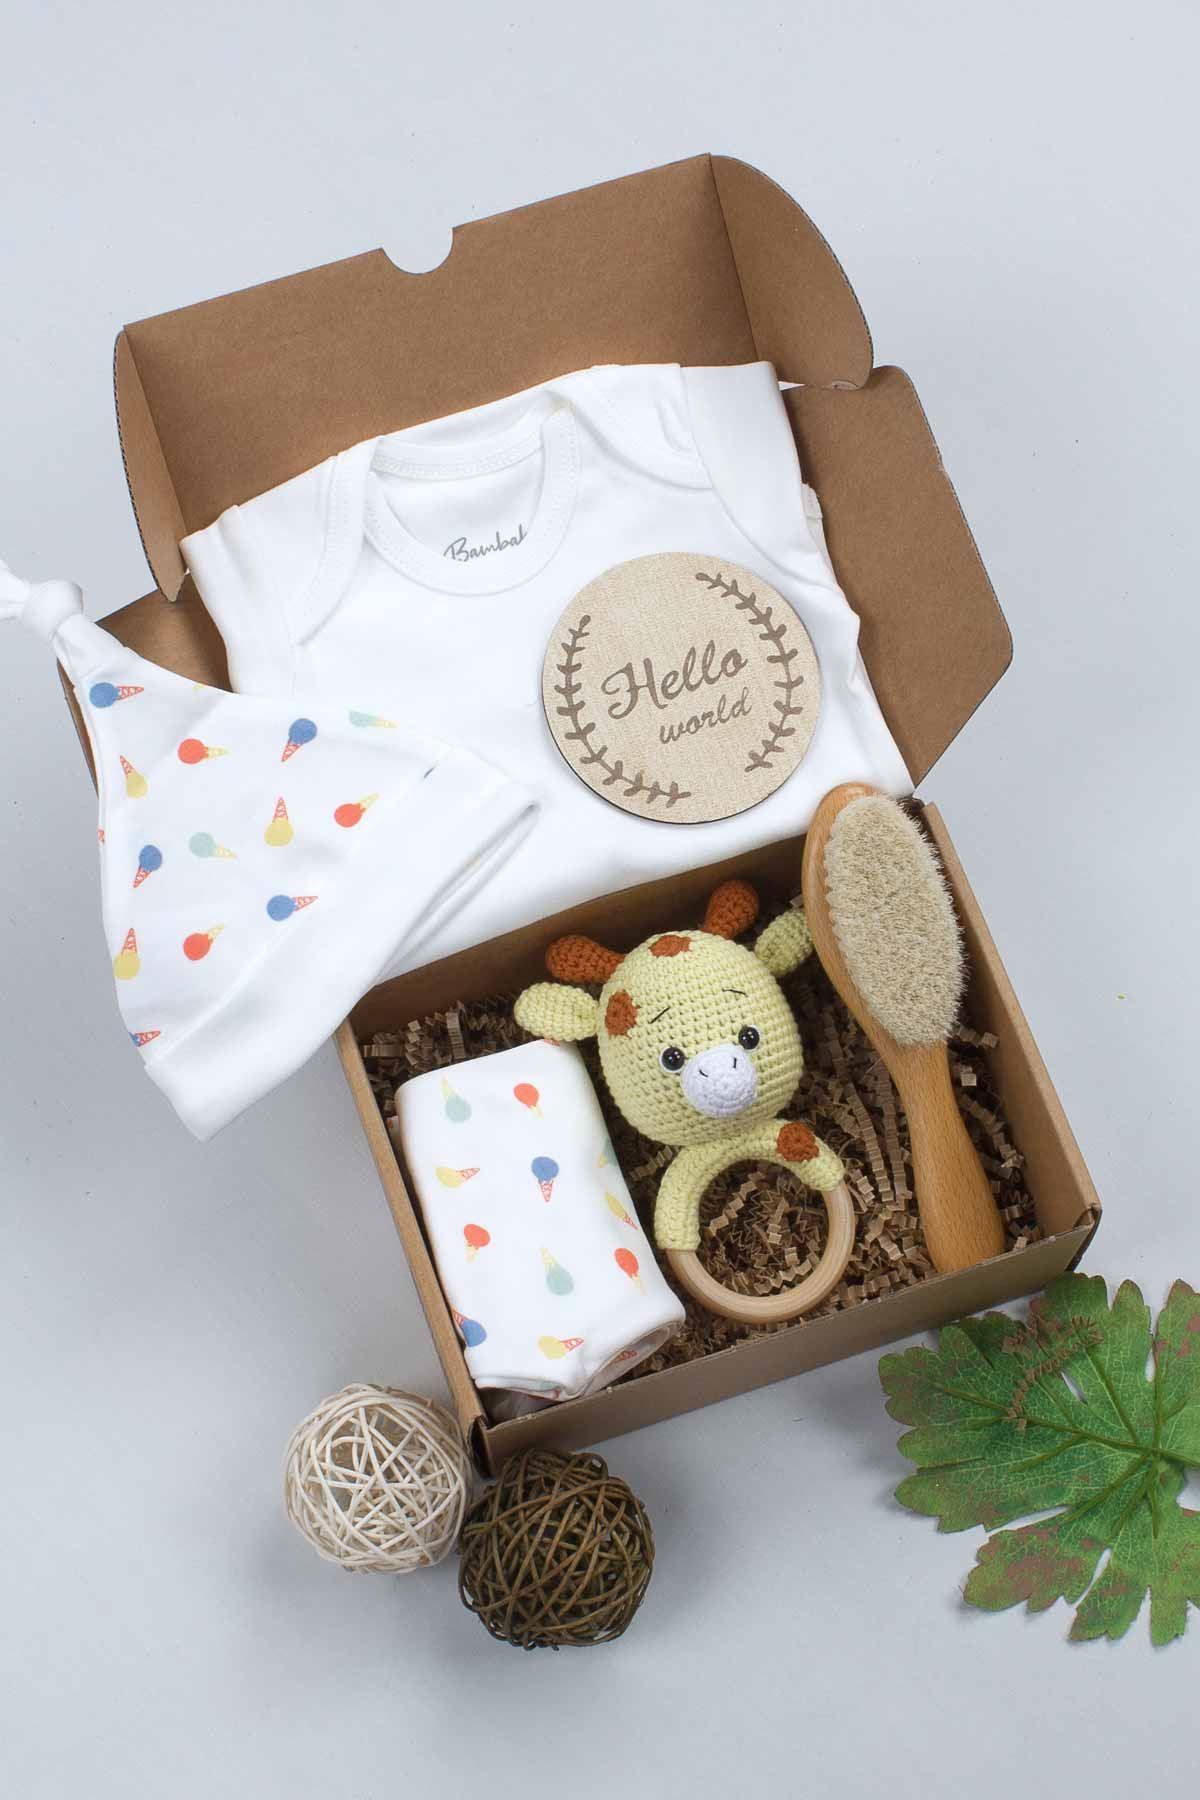 Yenidoğan Organik El Yapımı Özel Bebek Hediye Seti